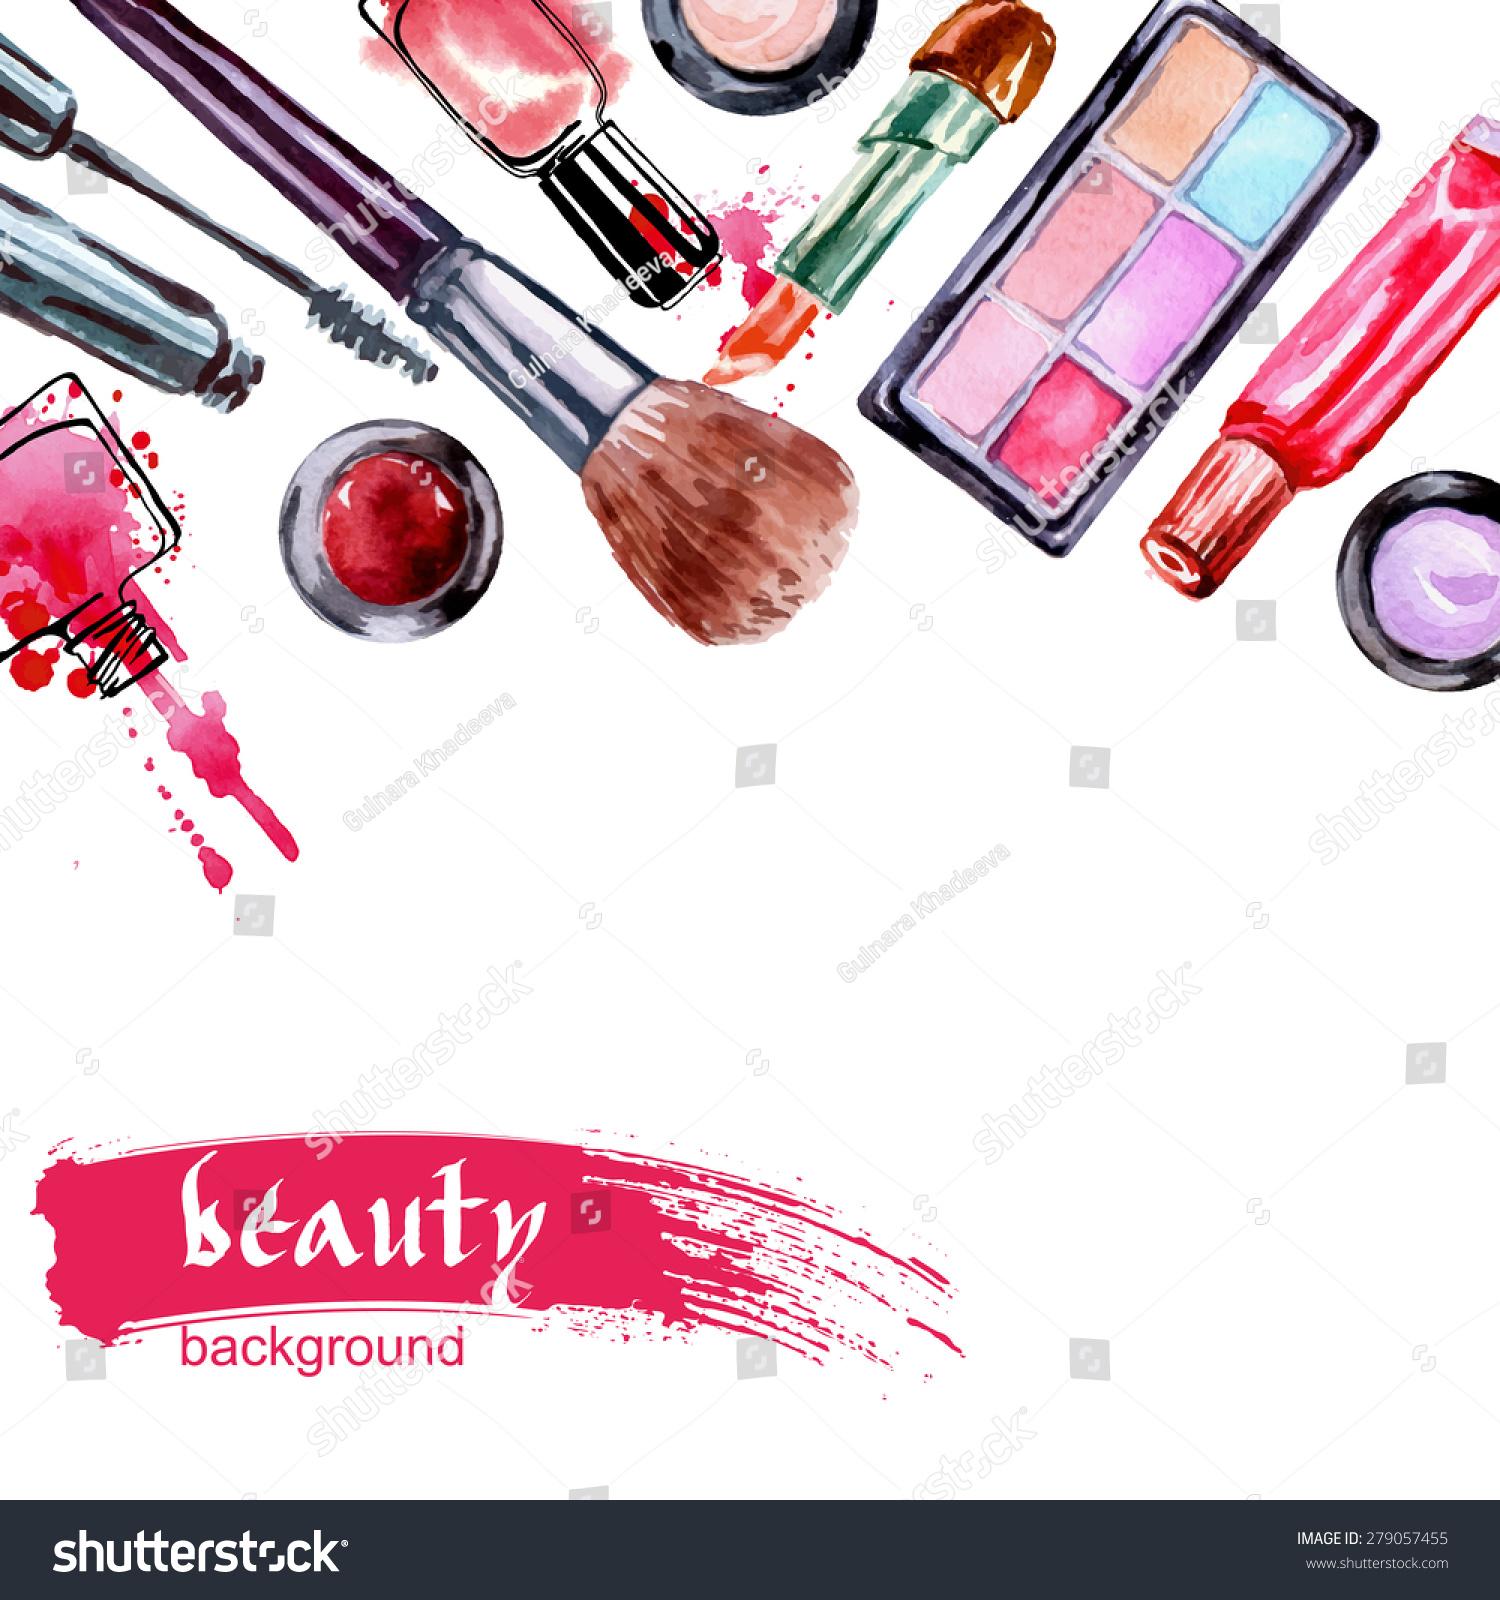 Makeup artist vector